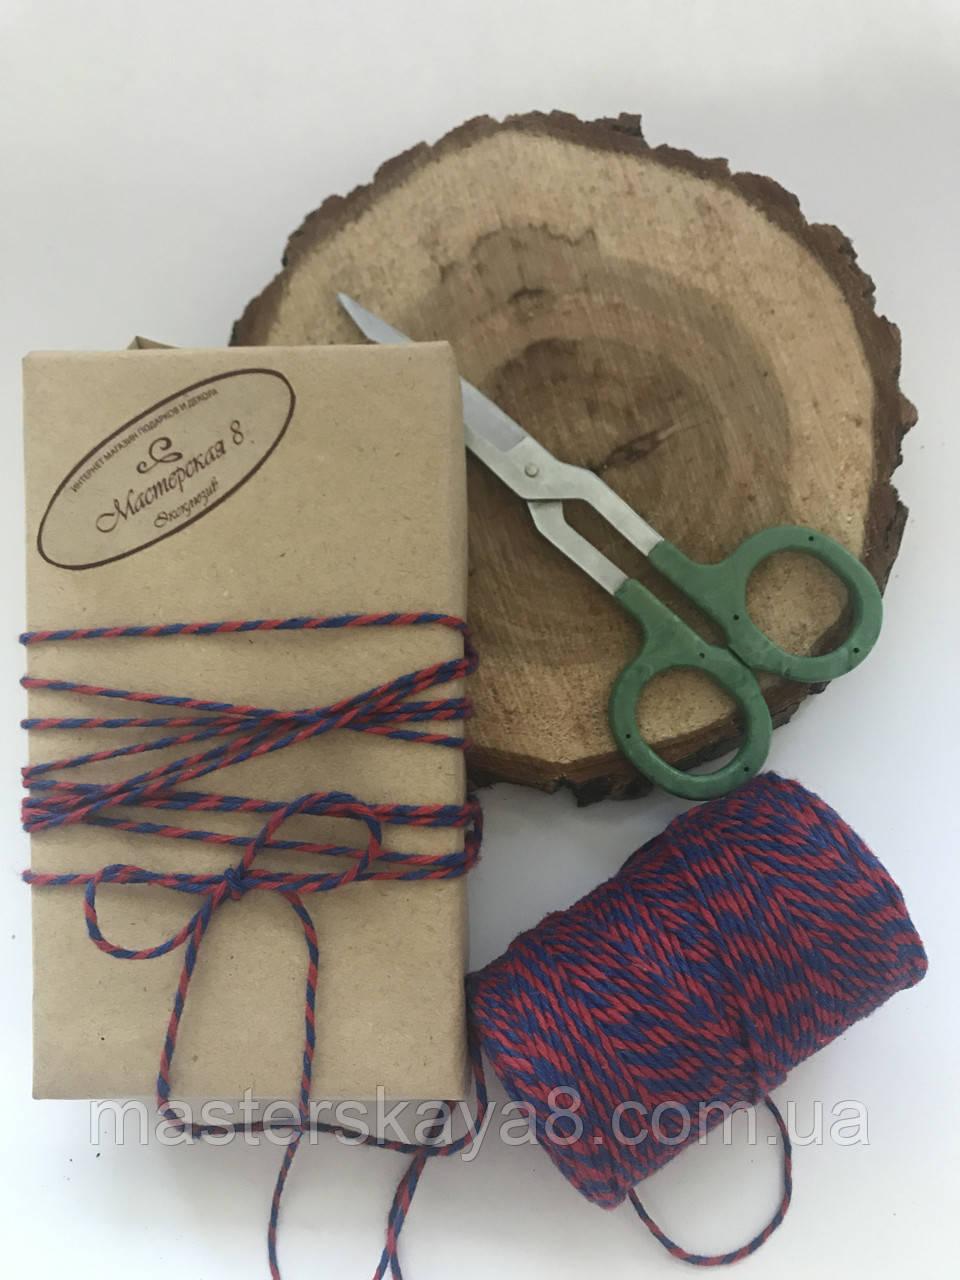 Цветная нить хлопок, верёвка, шпагат, декоративный шнур для упаковки, цвет  красный с синим